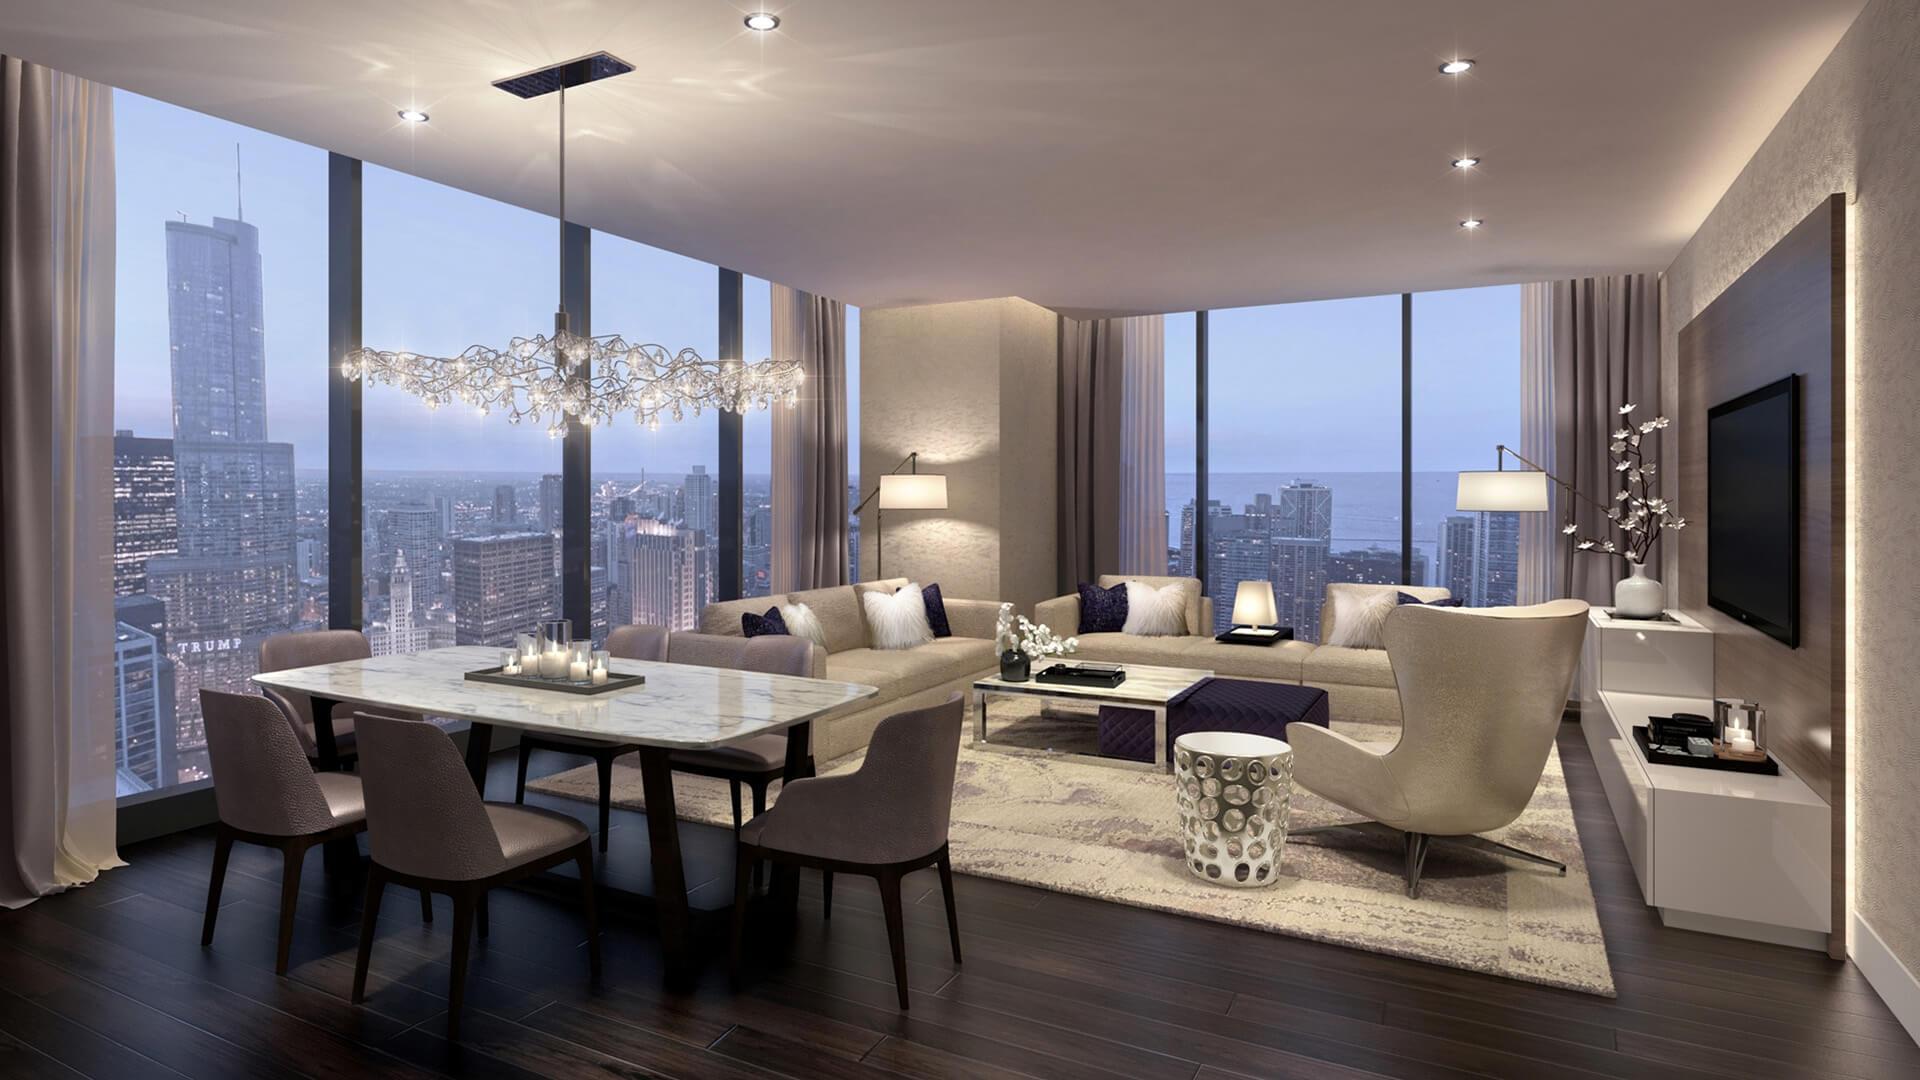 Apartment for sale in Dubai, UAE, 3 bedrooms, 149 m2, No. 23893 – photo 1